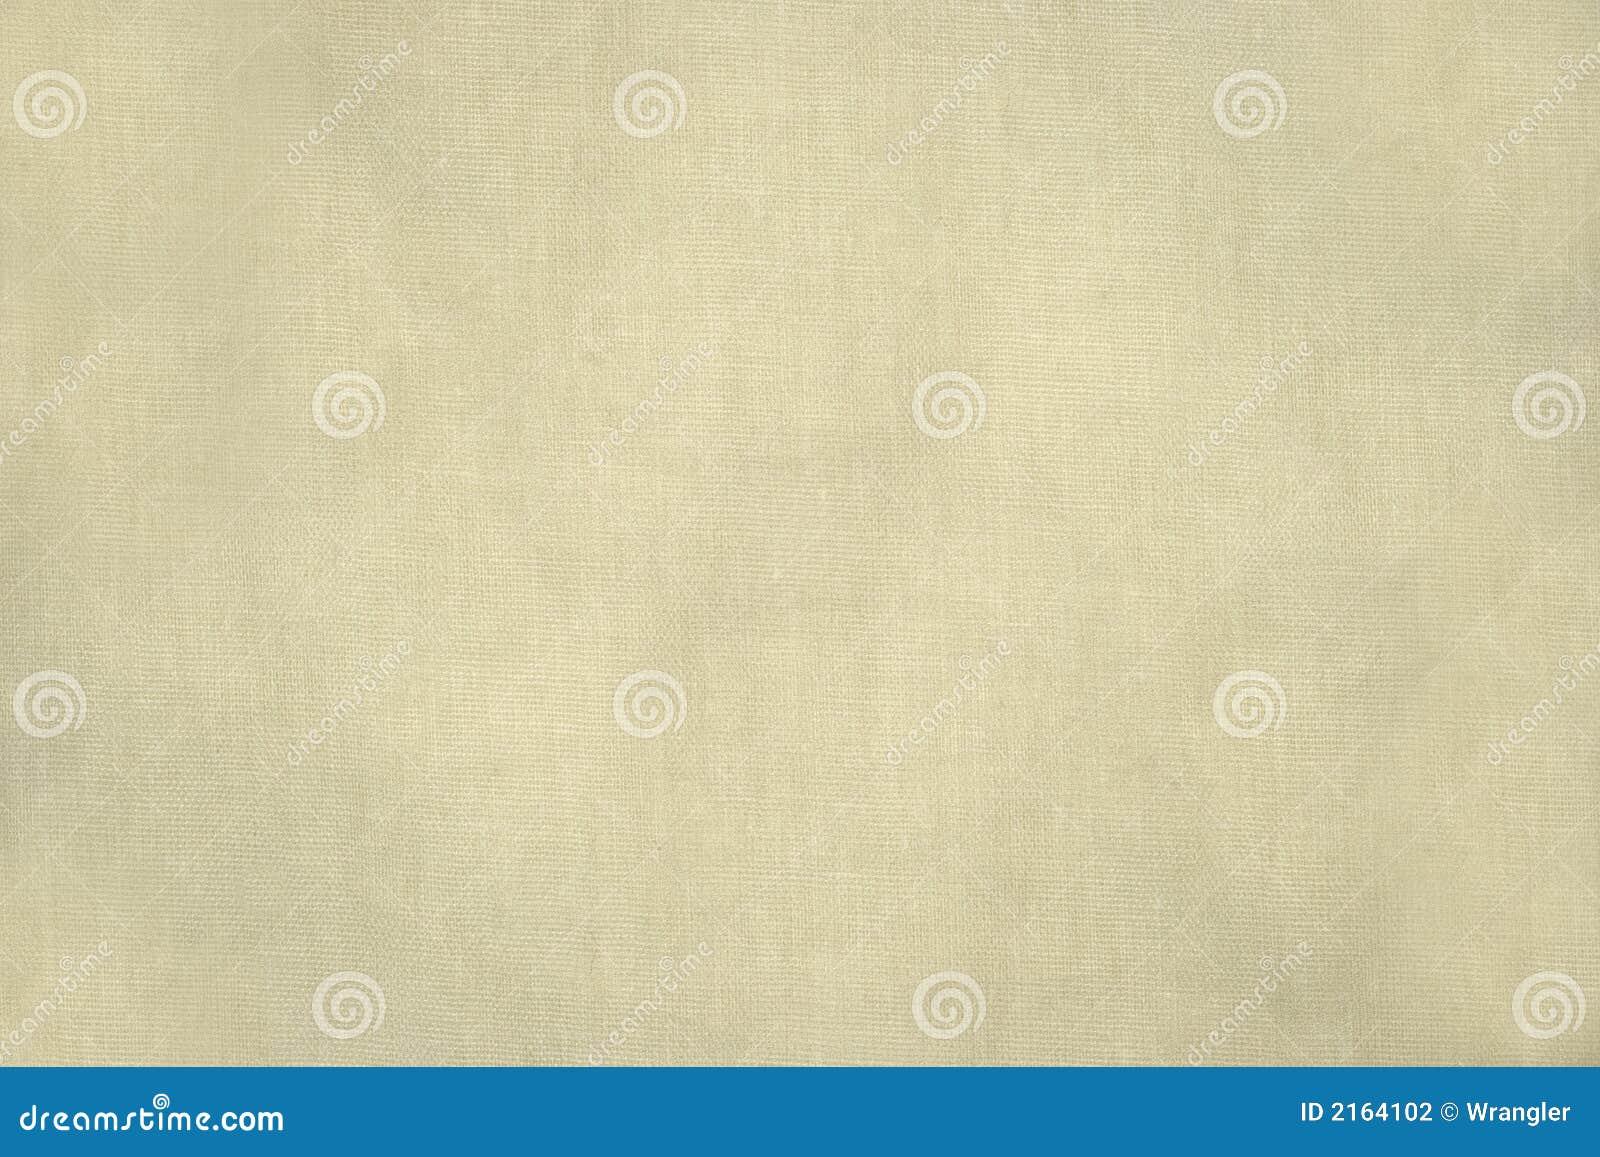 Light cotton canvas texture